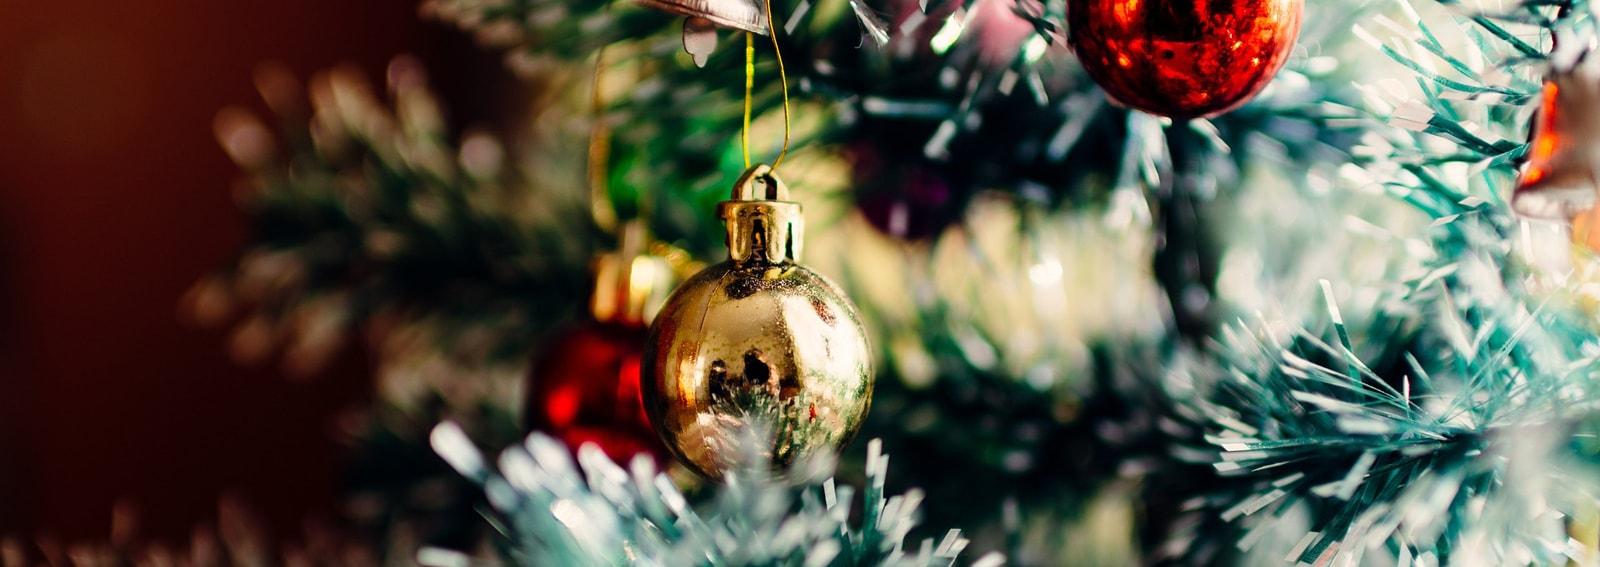 Palline Di Natale Con Rametti come addobbare l'albero di natale più bello della vostra